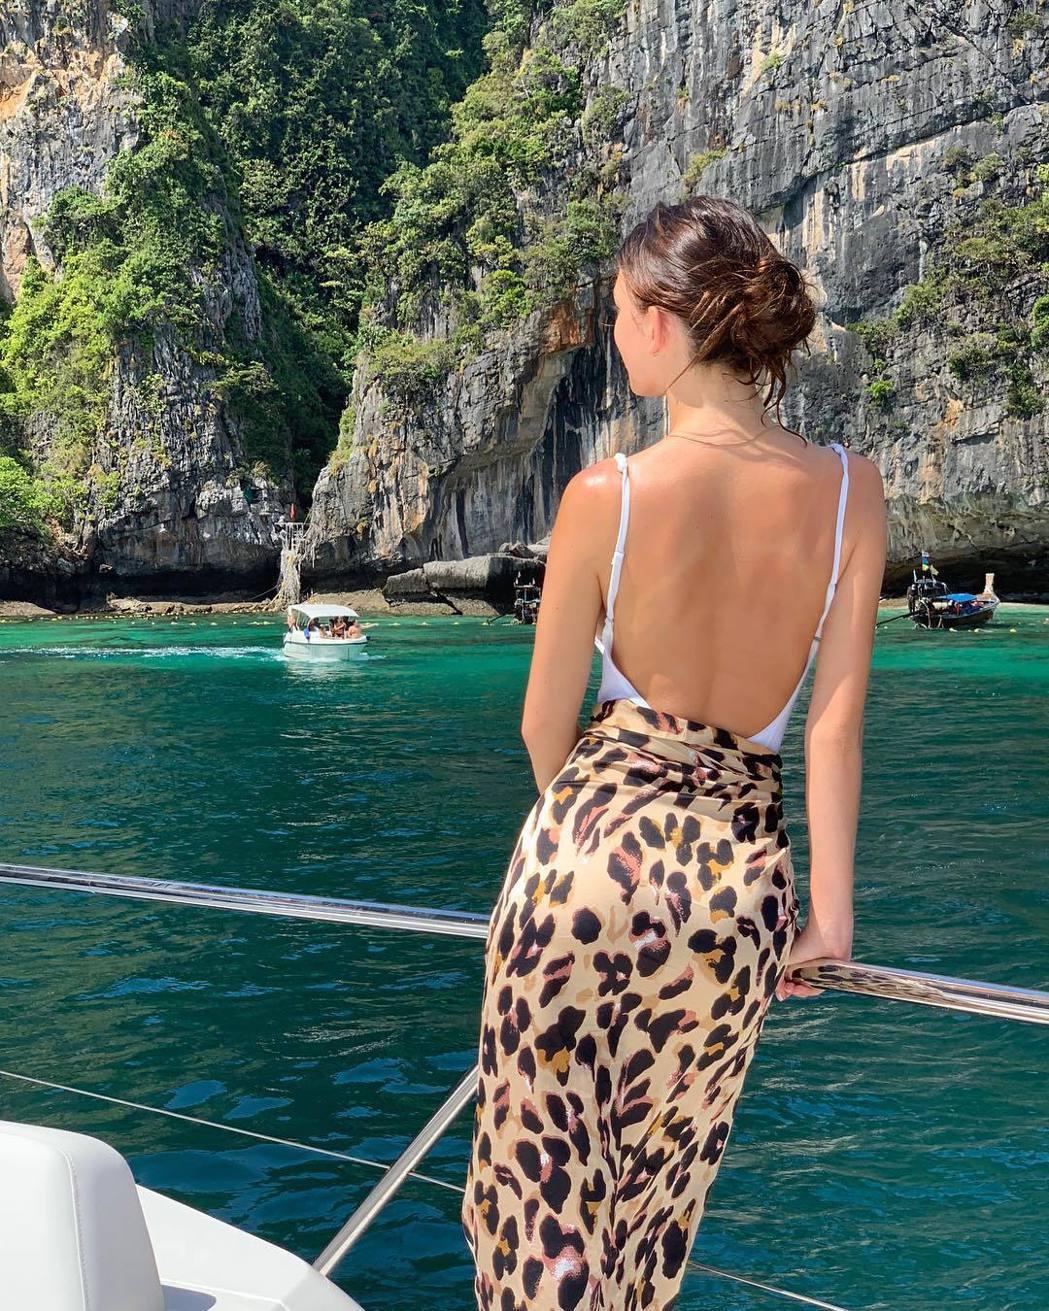 卡蜜拉莫羅妮開心前往男友昔日拍片的外景地遊覽。圖/摘自Instagram